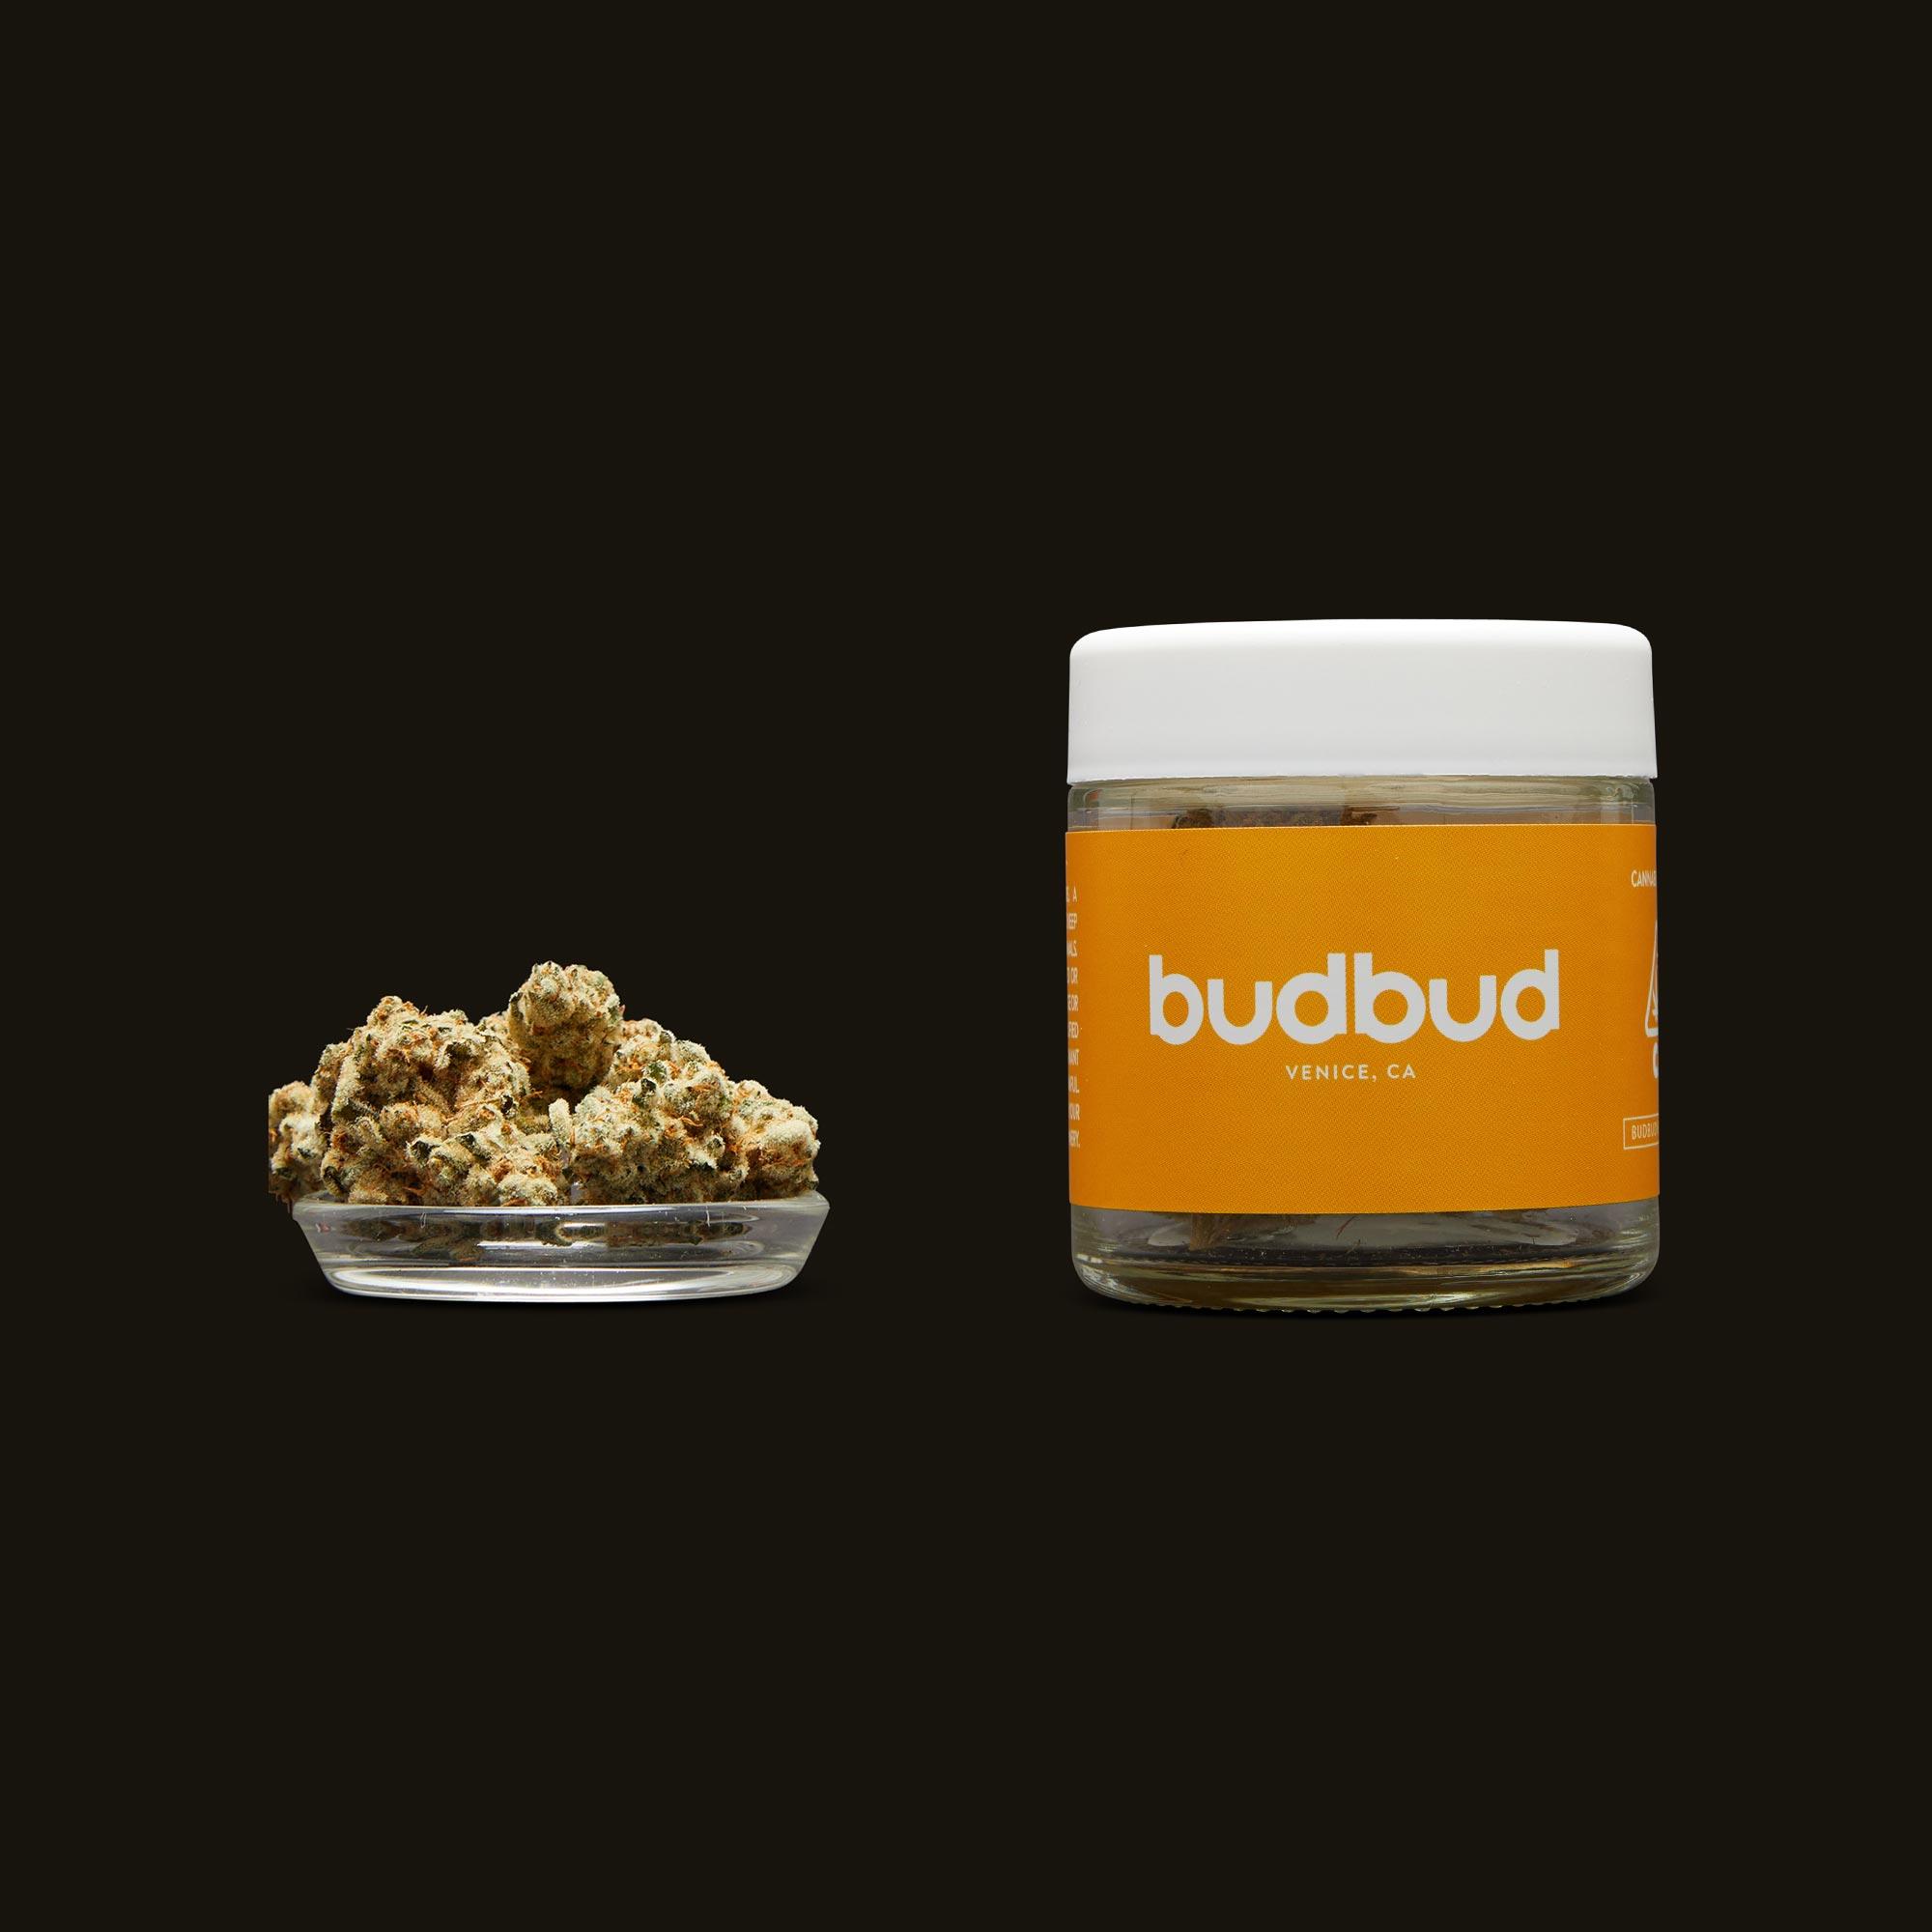 budbud Lamb's Bread Flower with Jar